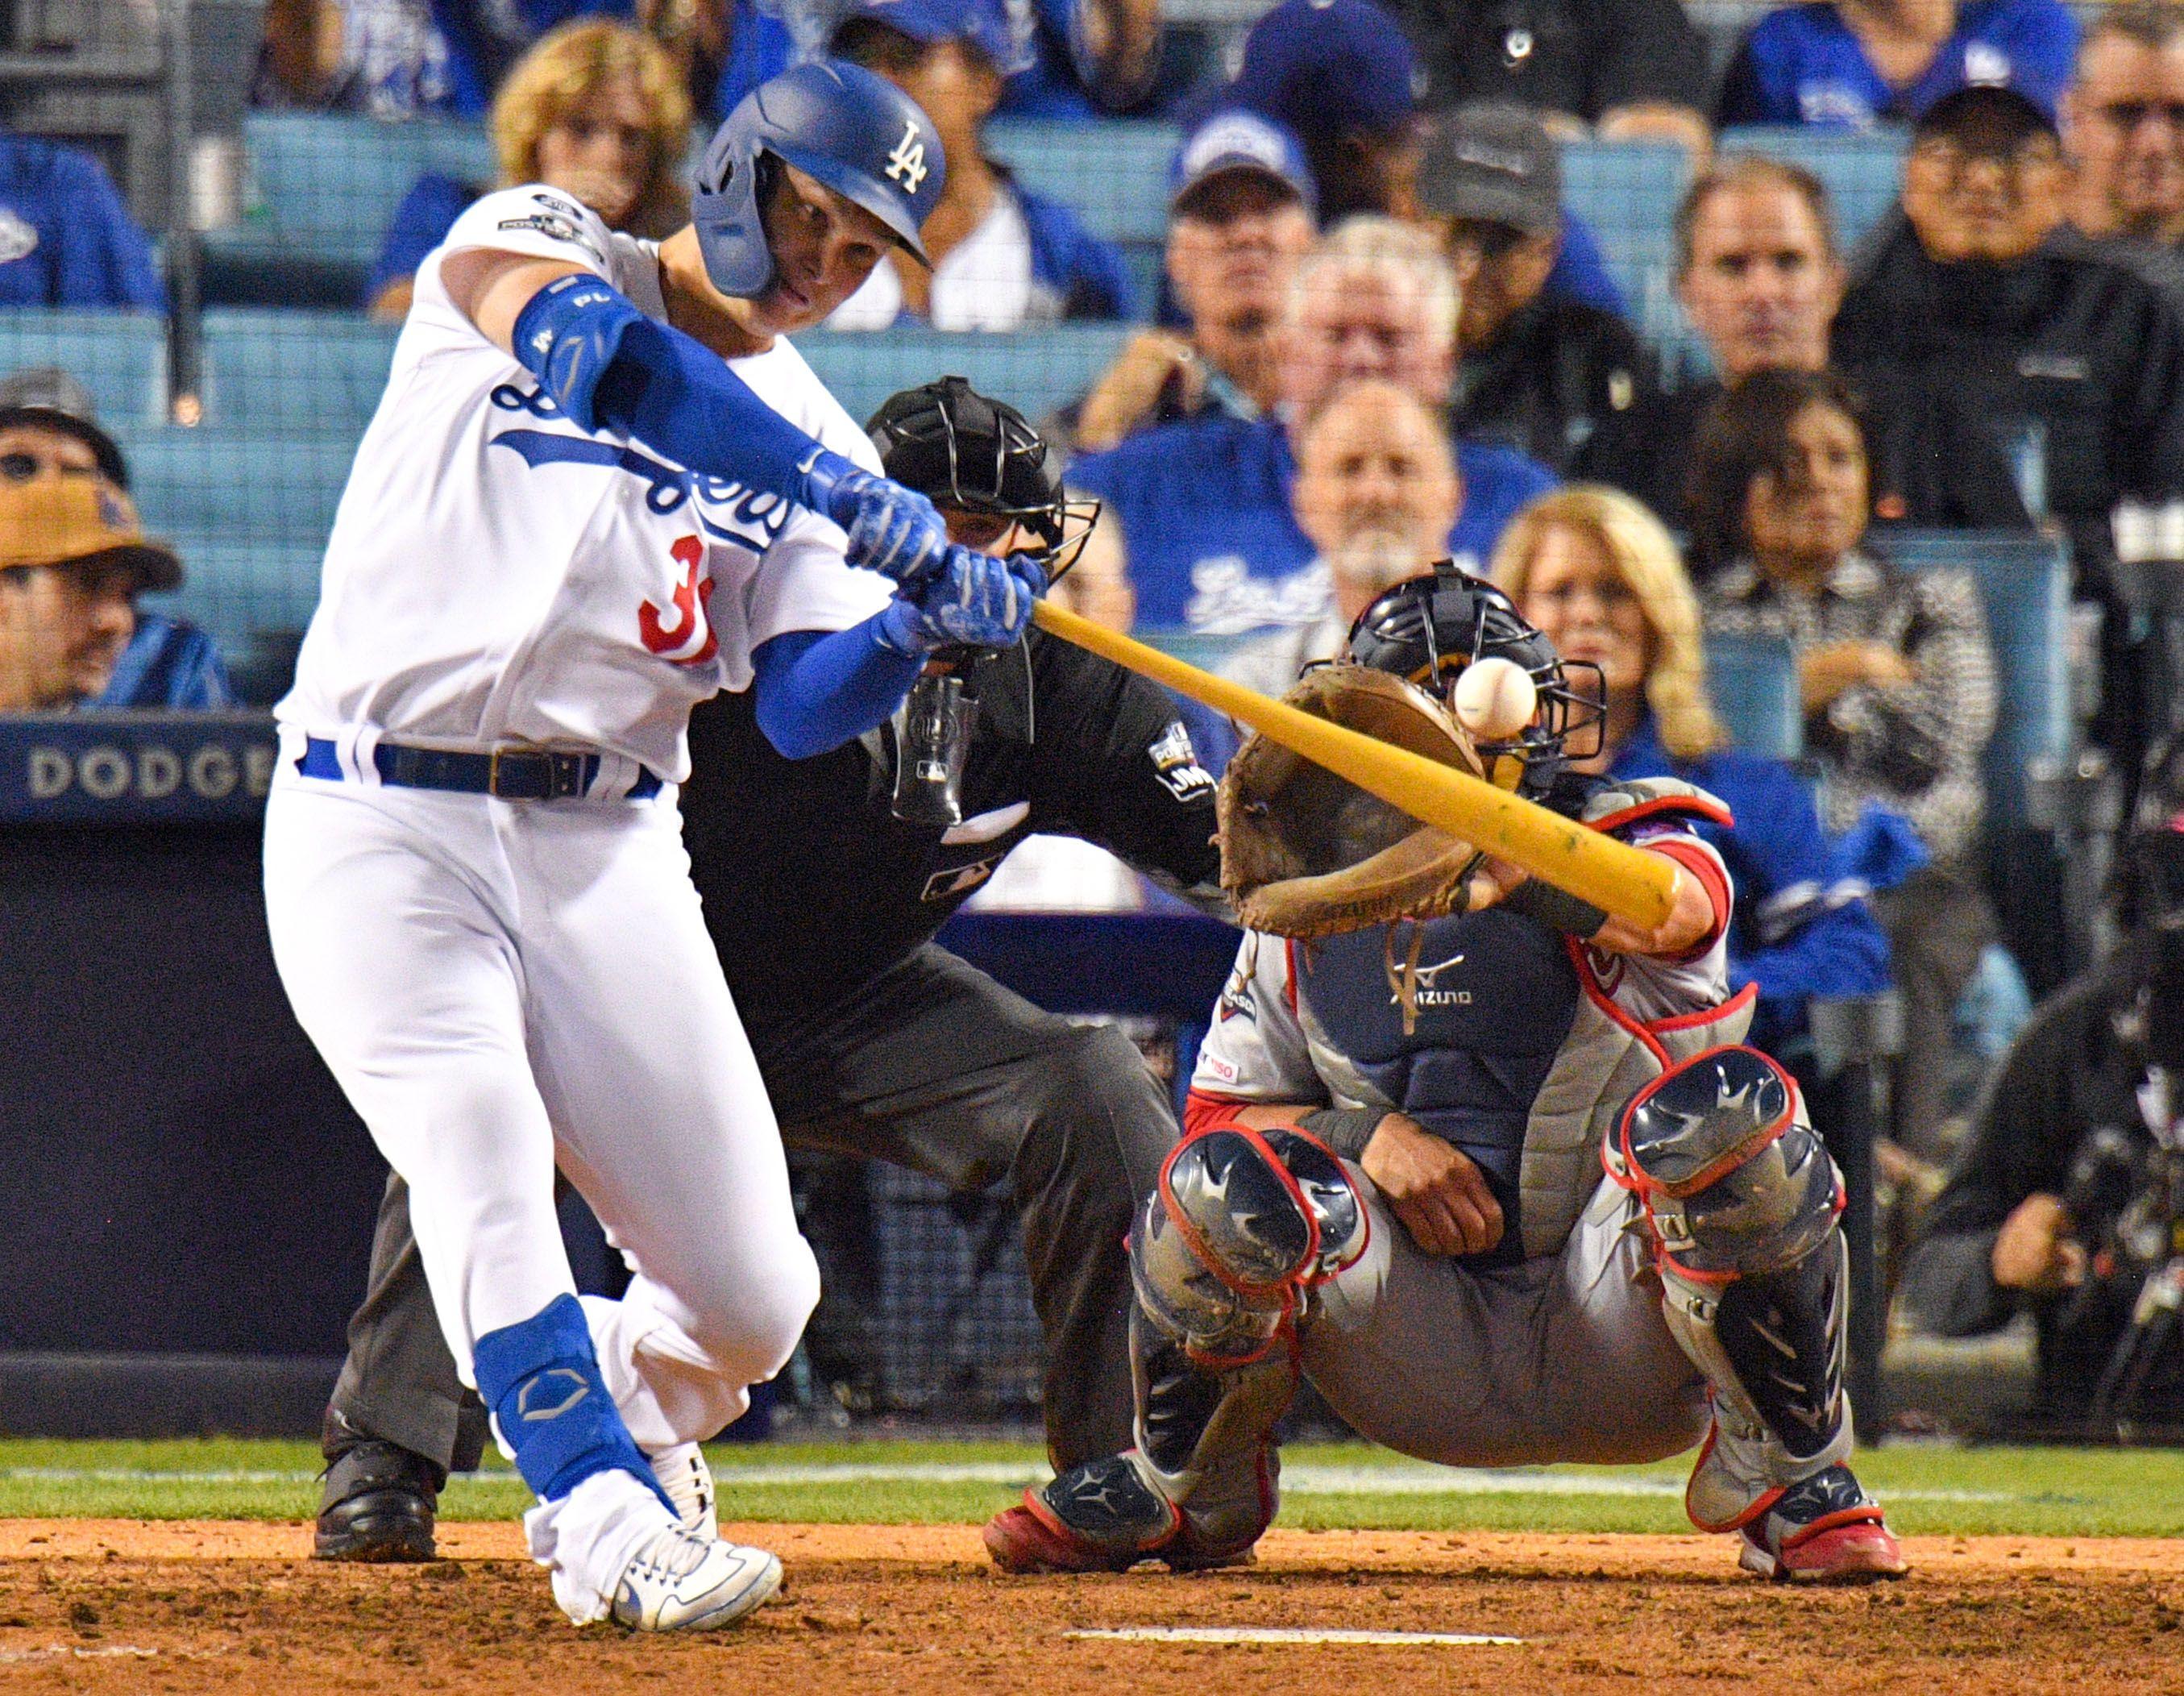 Joc Pederson hits a home run